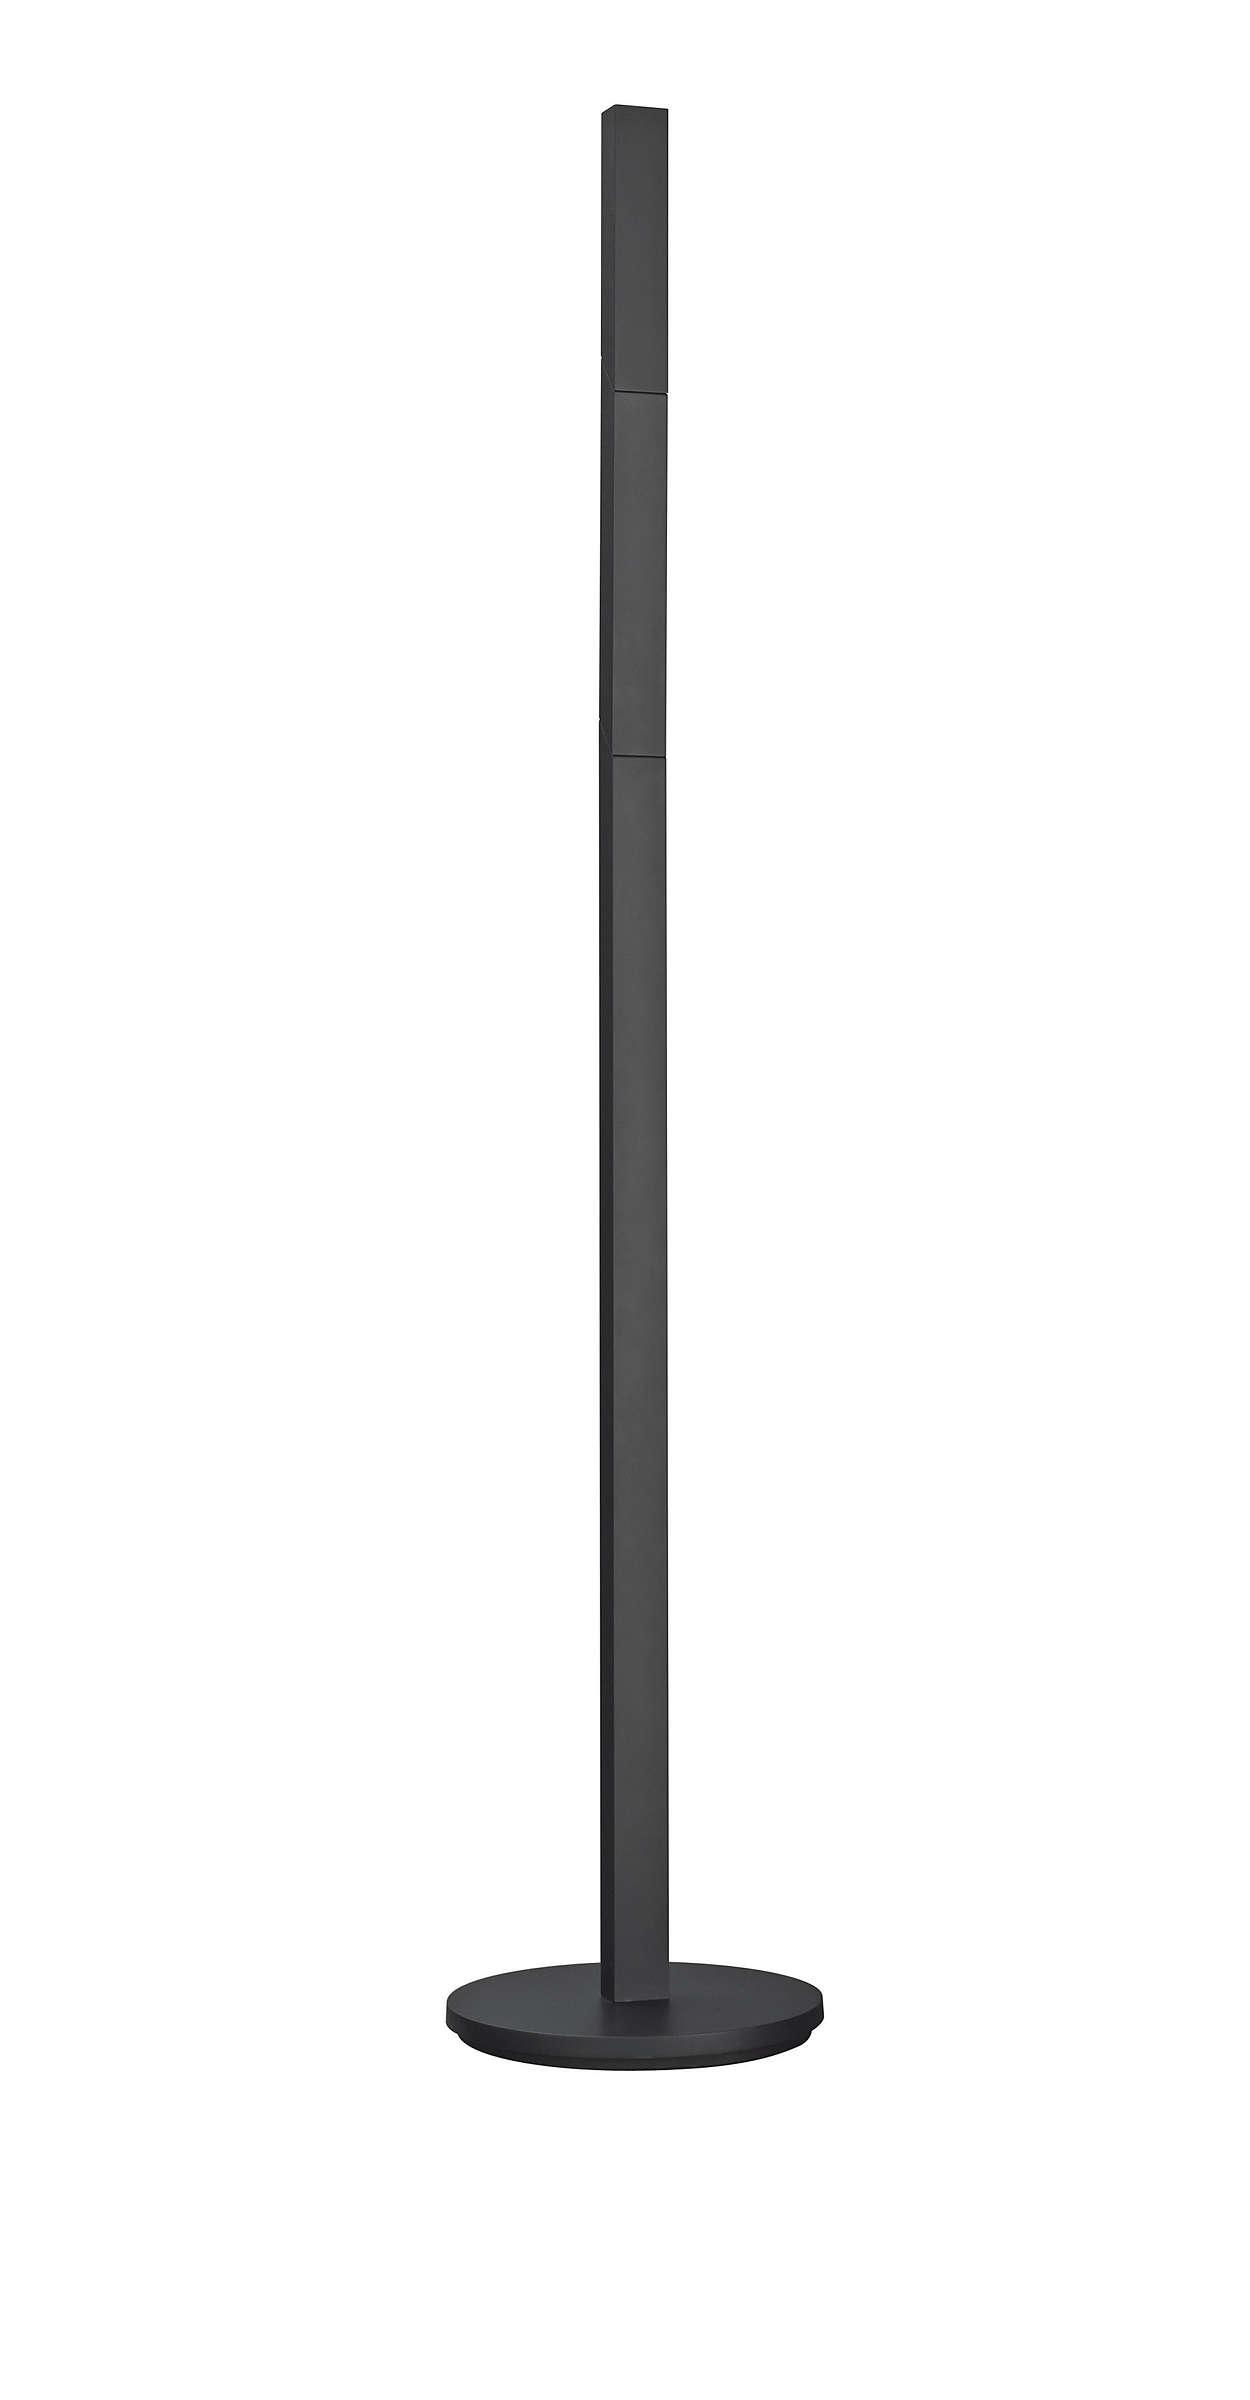 Ein gerader Leuchtenhals mit vielen Möglichkeiten